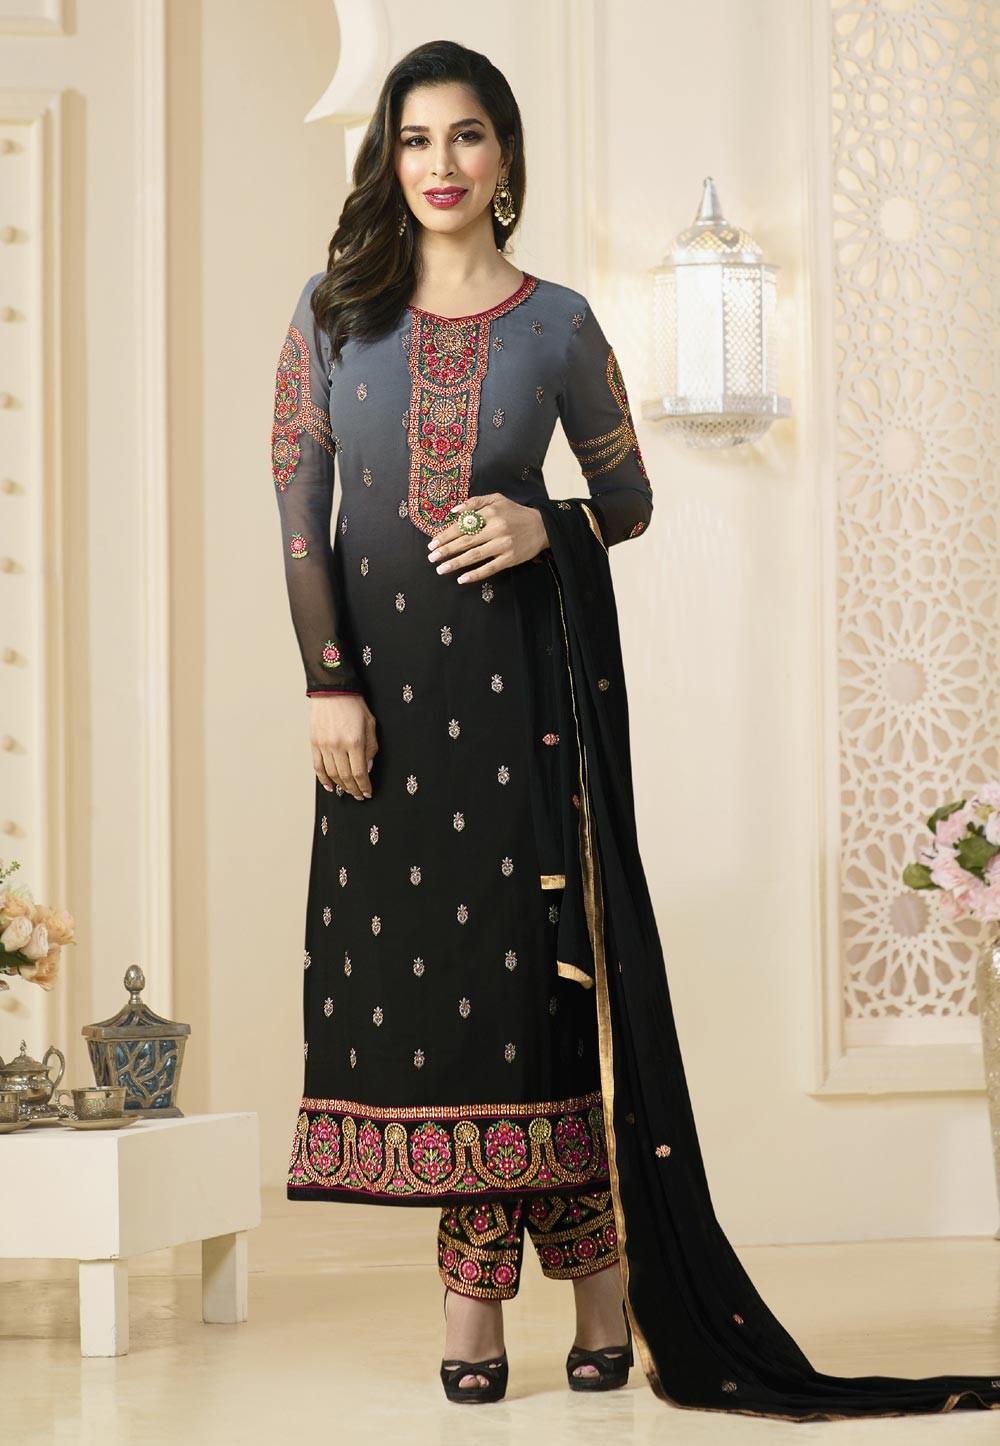 Incredible Salwar Kameez in Grey,Black & Georgette Fabric